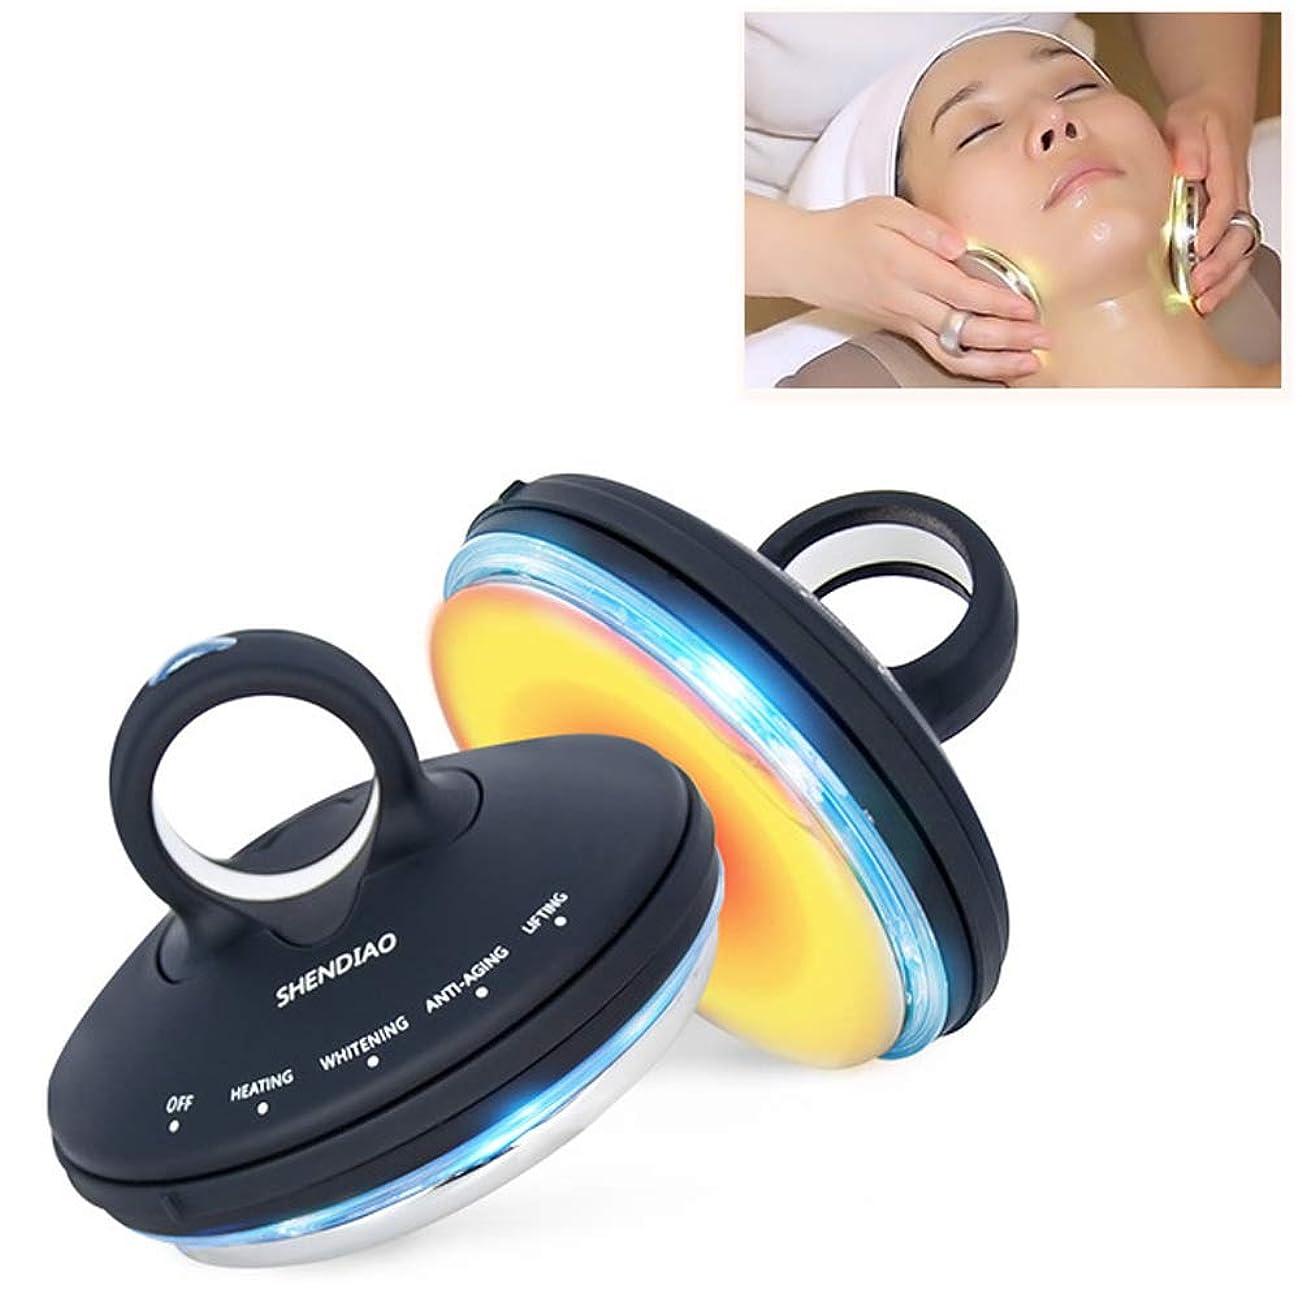 消毒する危険応援するフェイシャルRf美容器具、ポータブルフェイシャルマッサージディープクレンジングとリフティング引き締め肌多機能振動美容器具